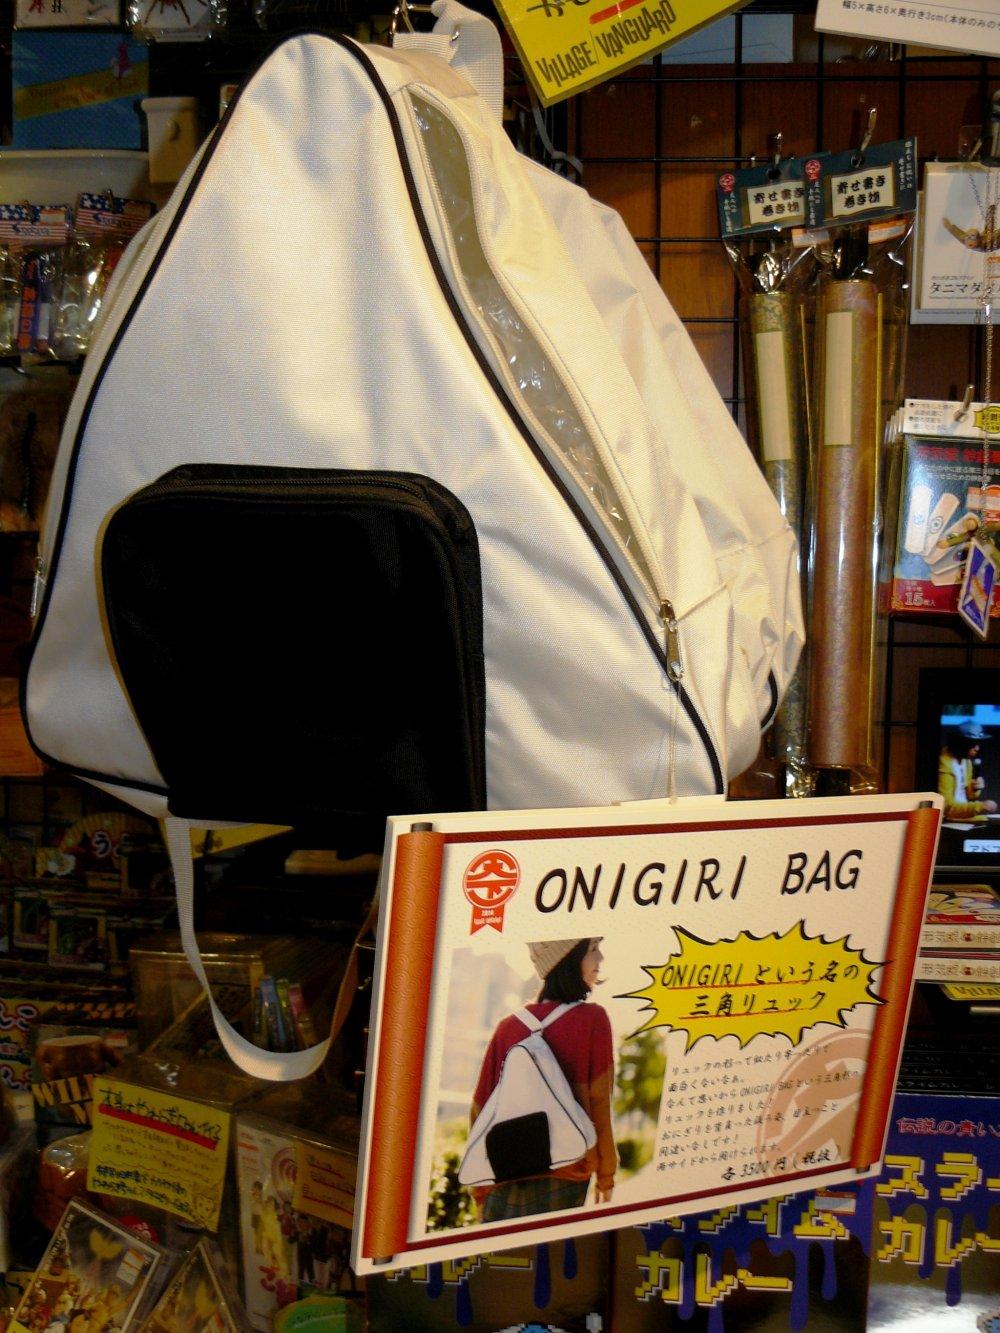 Симпатичный рюкзак в виде онигири